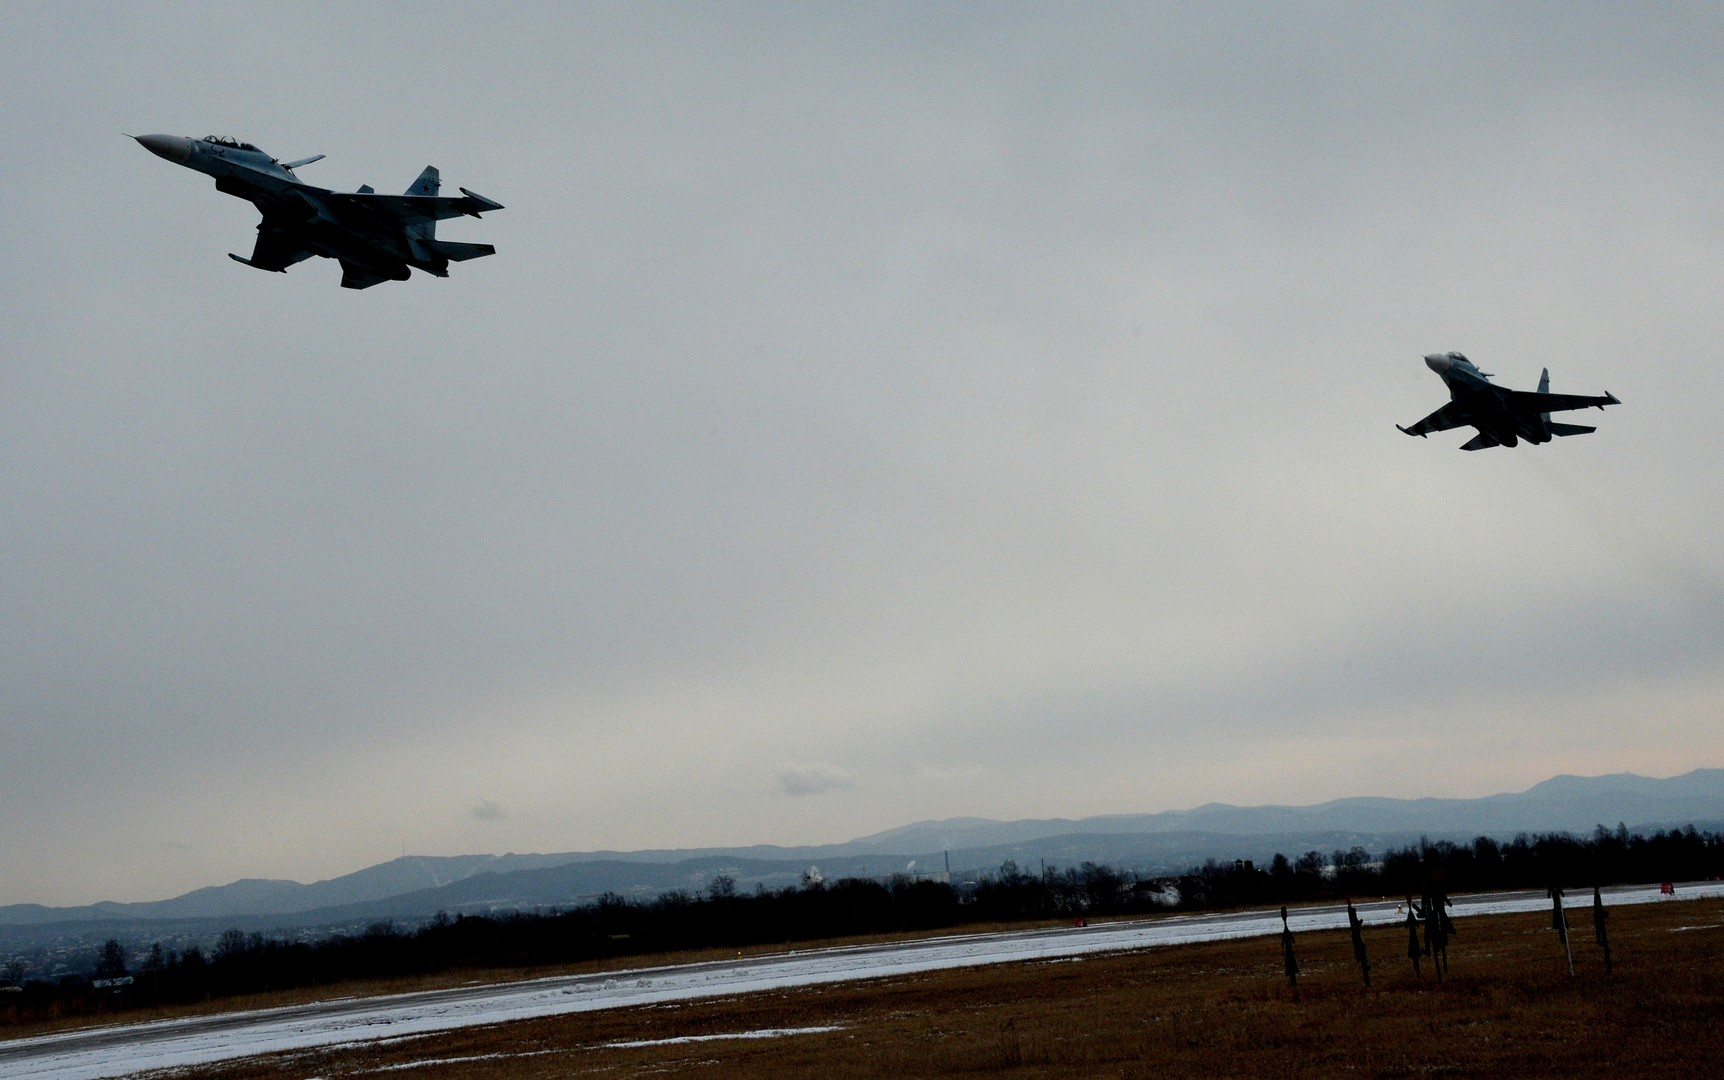 Минобороны о манёвре Су-27: Самолётам-разведчикам не надо подкрадываться к границам РФ